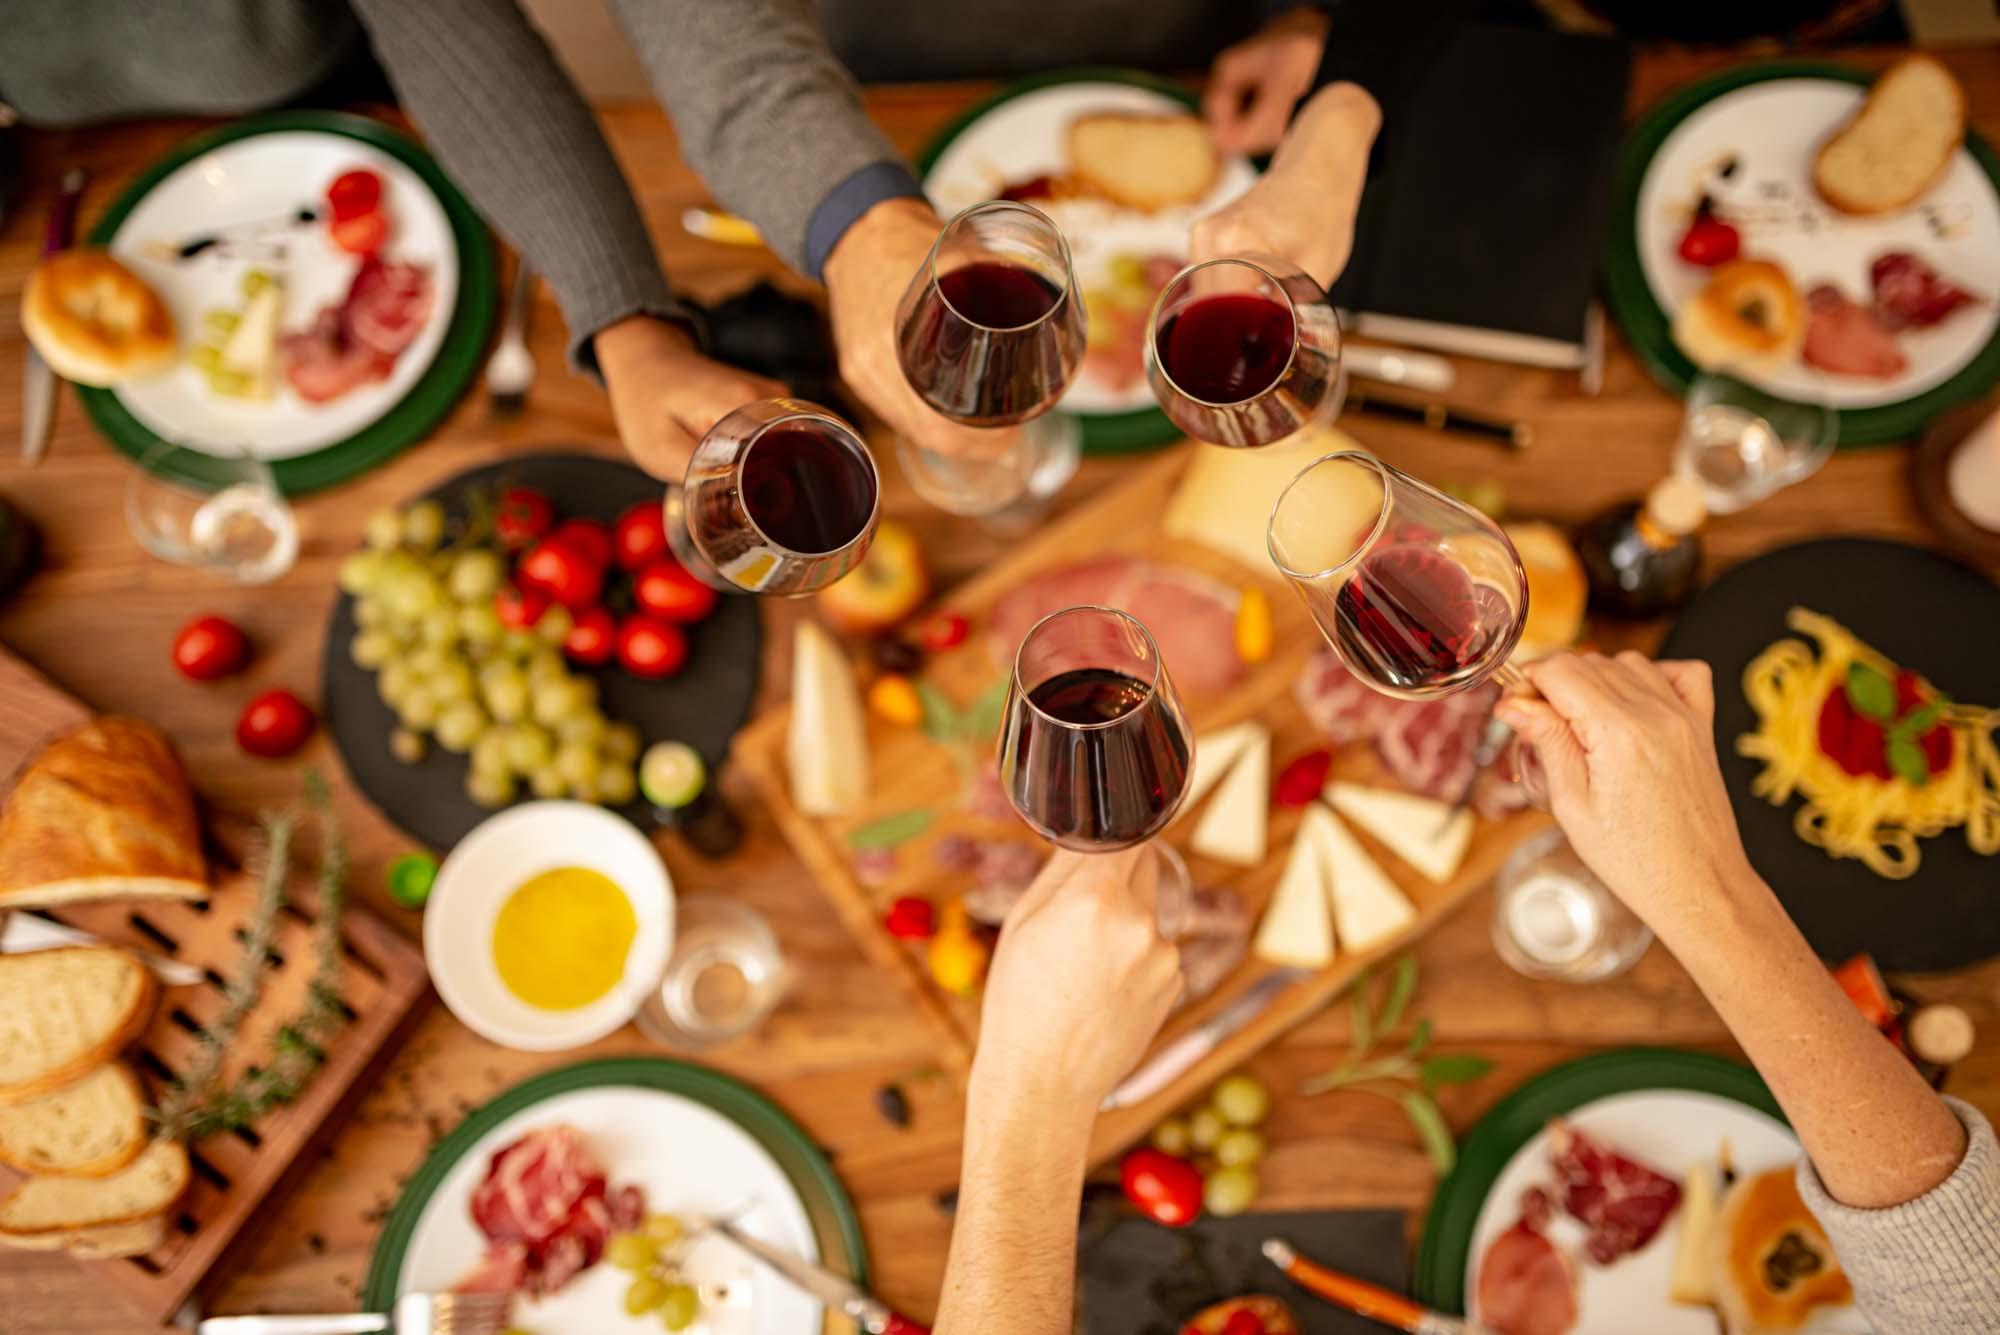 Degustazioni Enogastronomiche Eventi Aziendali a Lucca